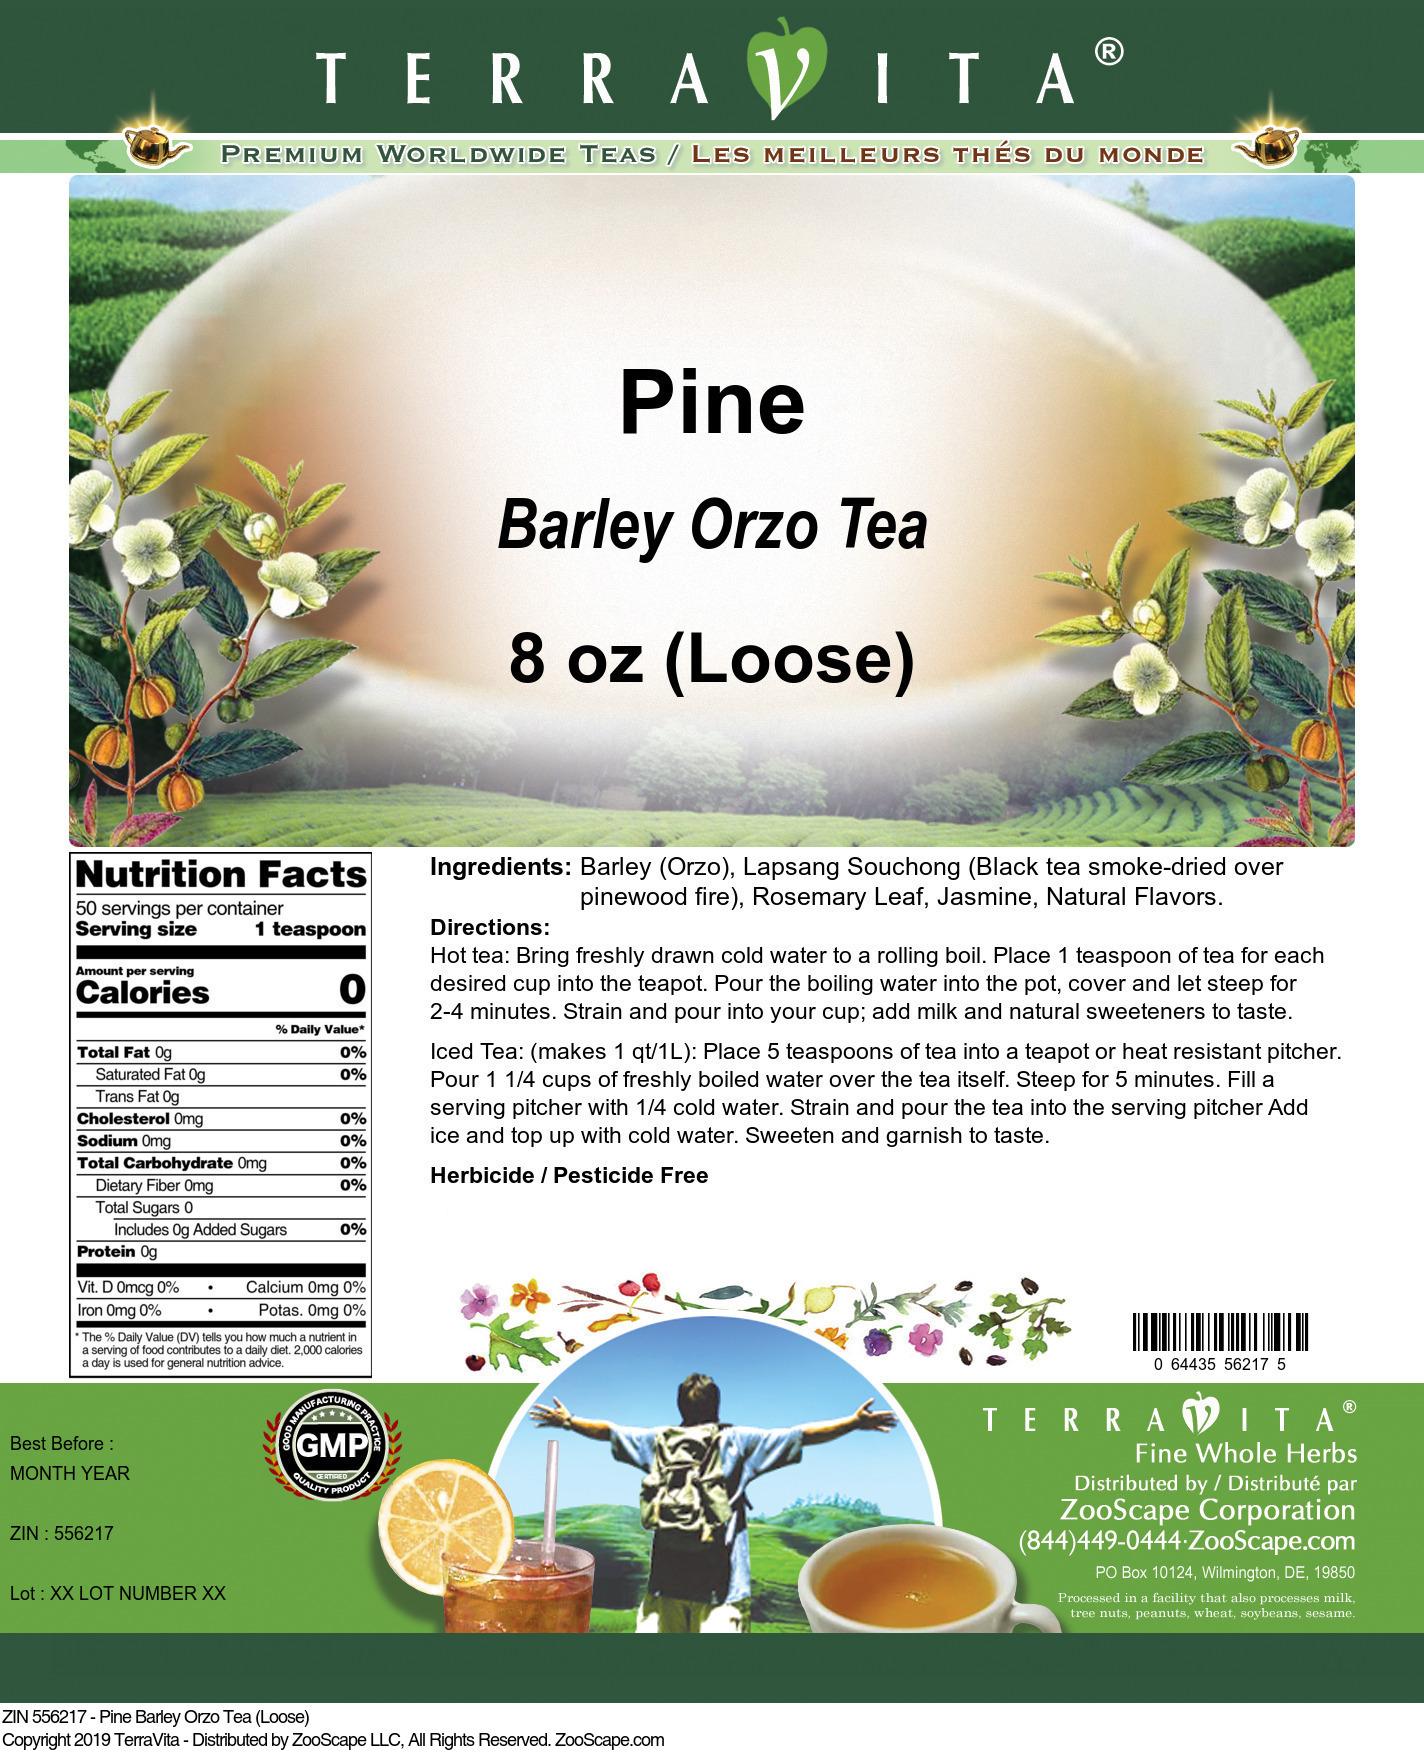 Pine Barley Orzo